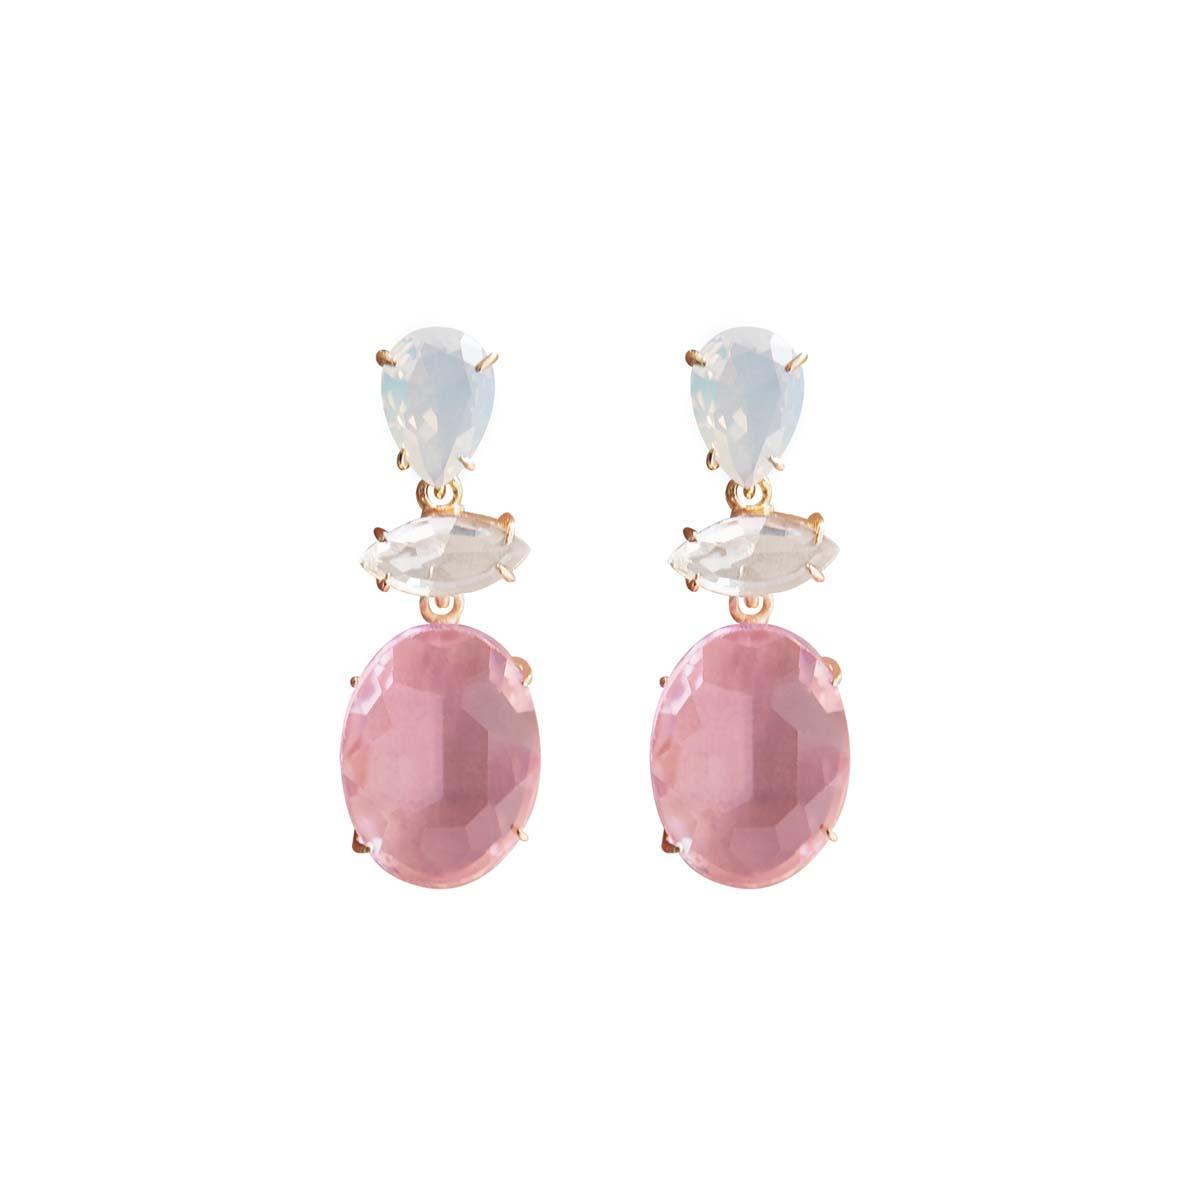 Teria Yabar - Pendientes rosas de cristal